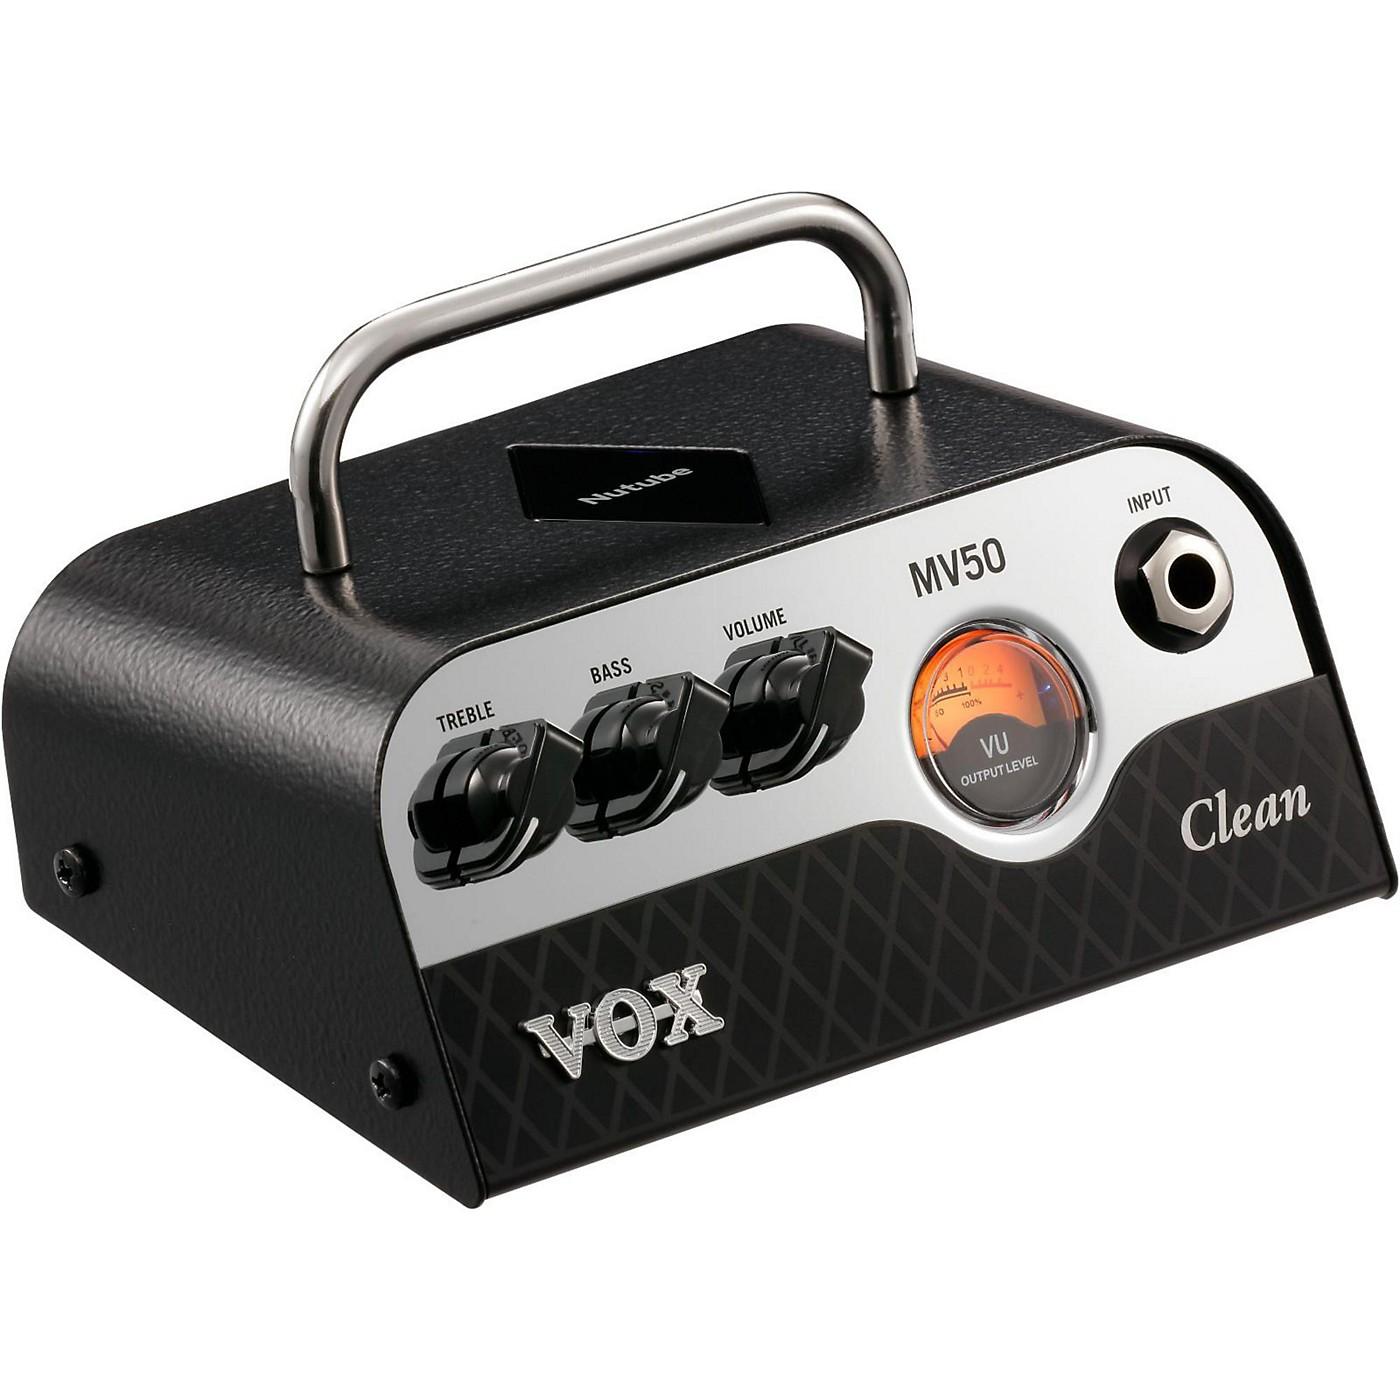 Vox MV50 50W Clean Guitar Amp Head thumbnail